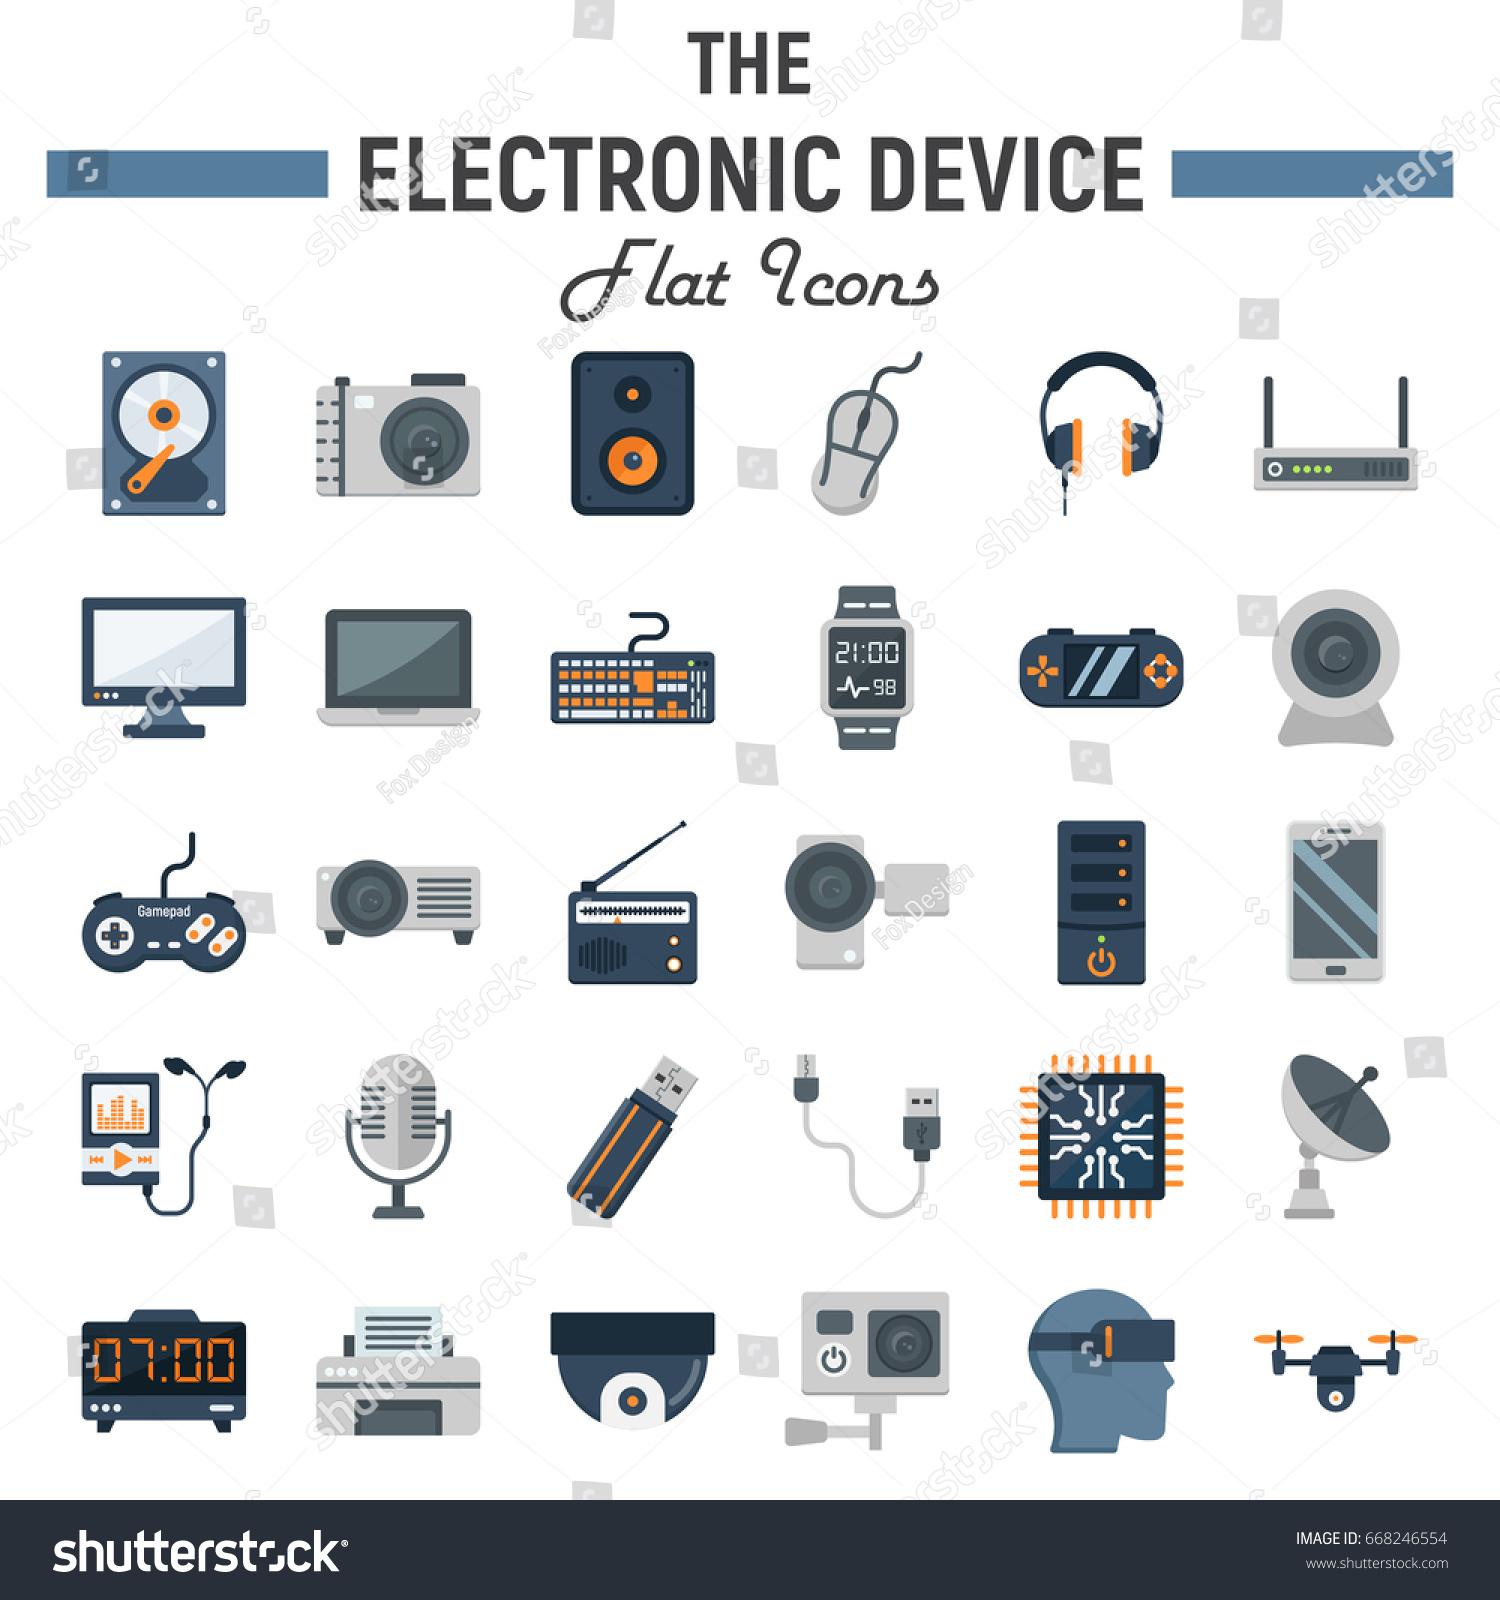 Electronic Device Flat Icon Set Technology Stock Photo (Photo ...